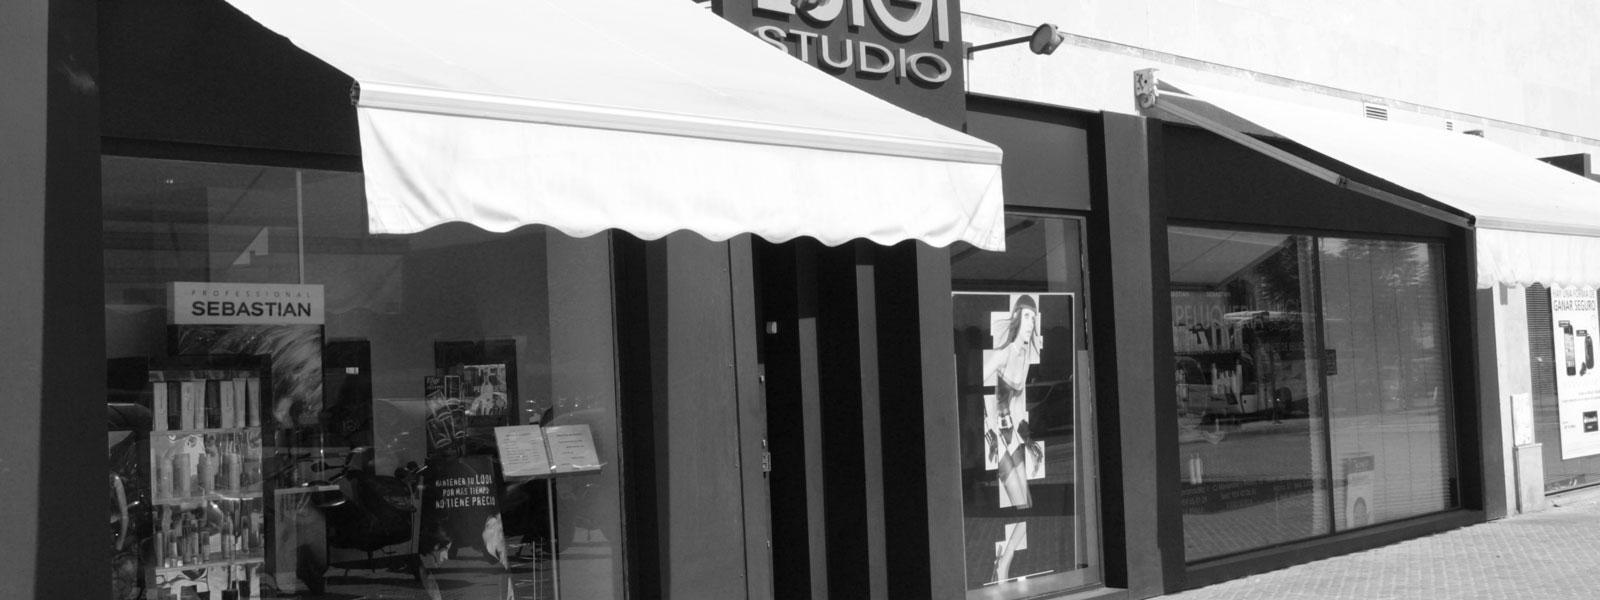 Luigi - Luigi Studio